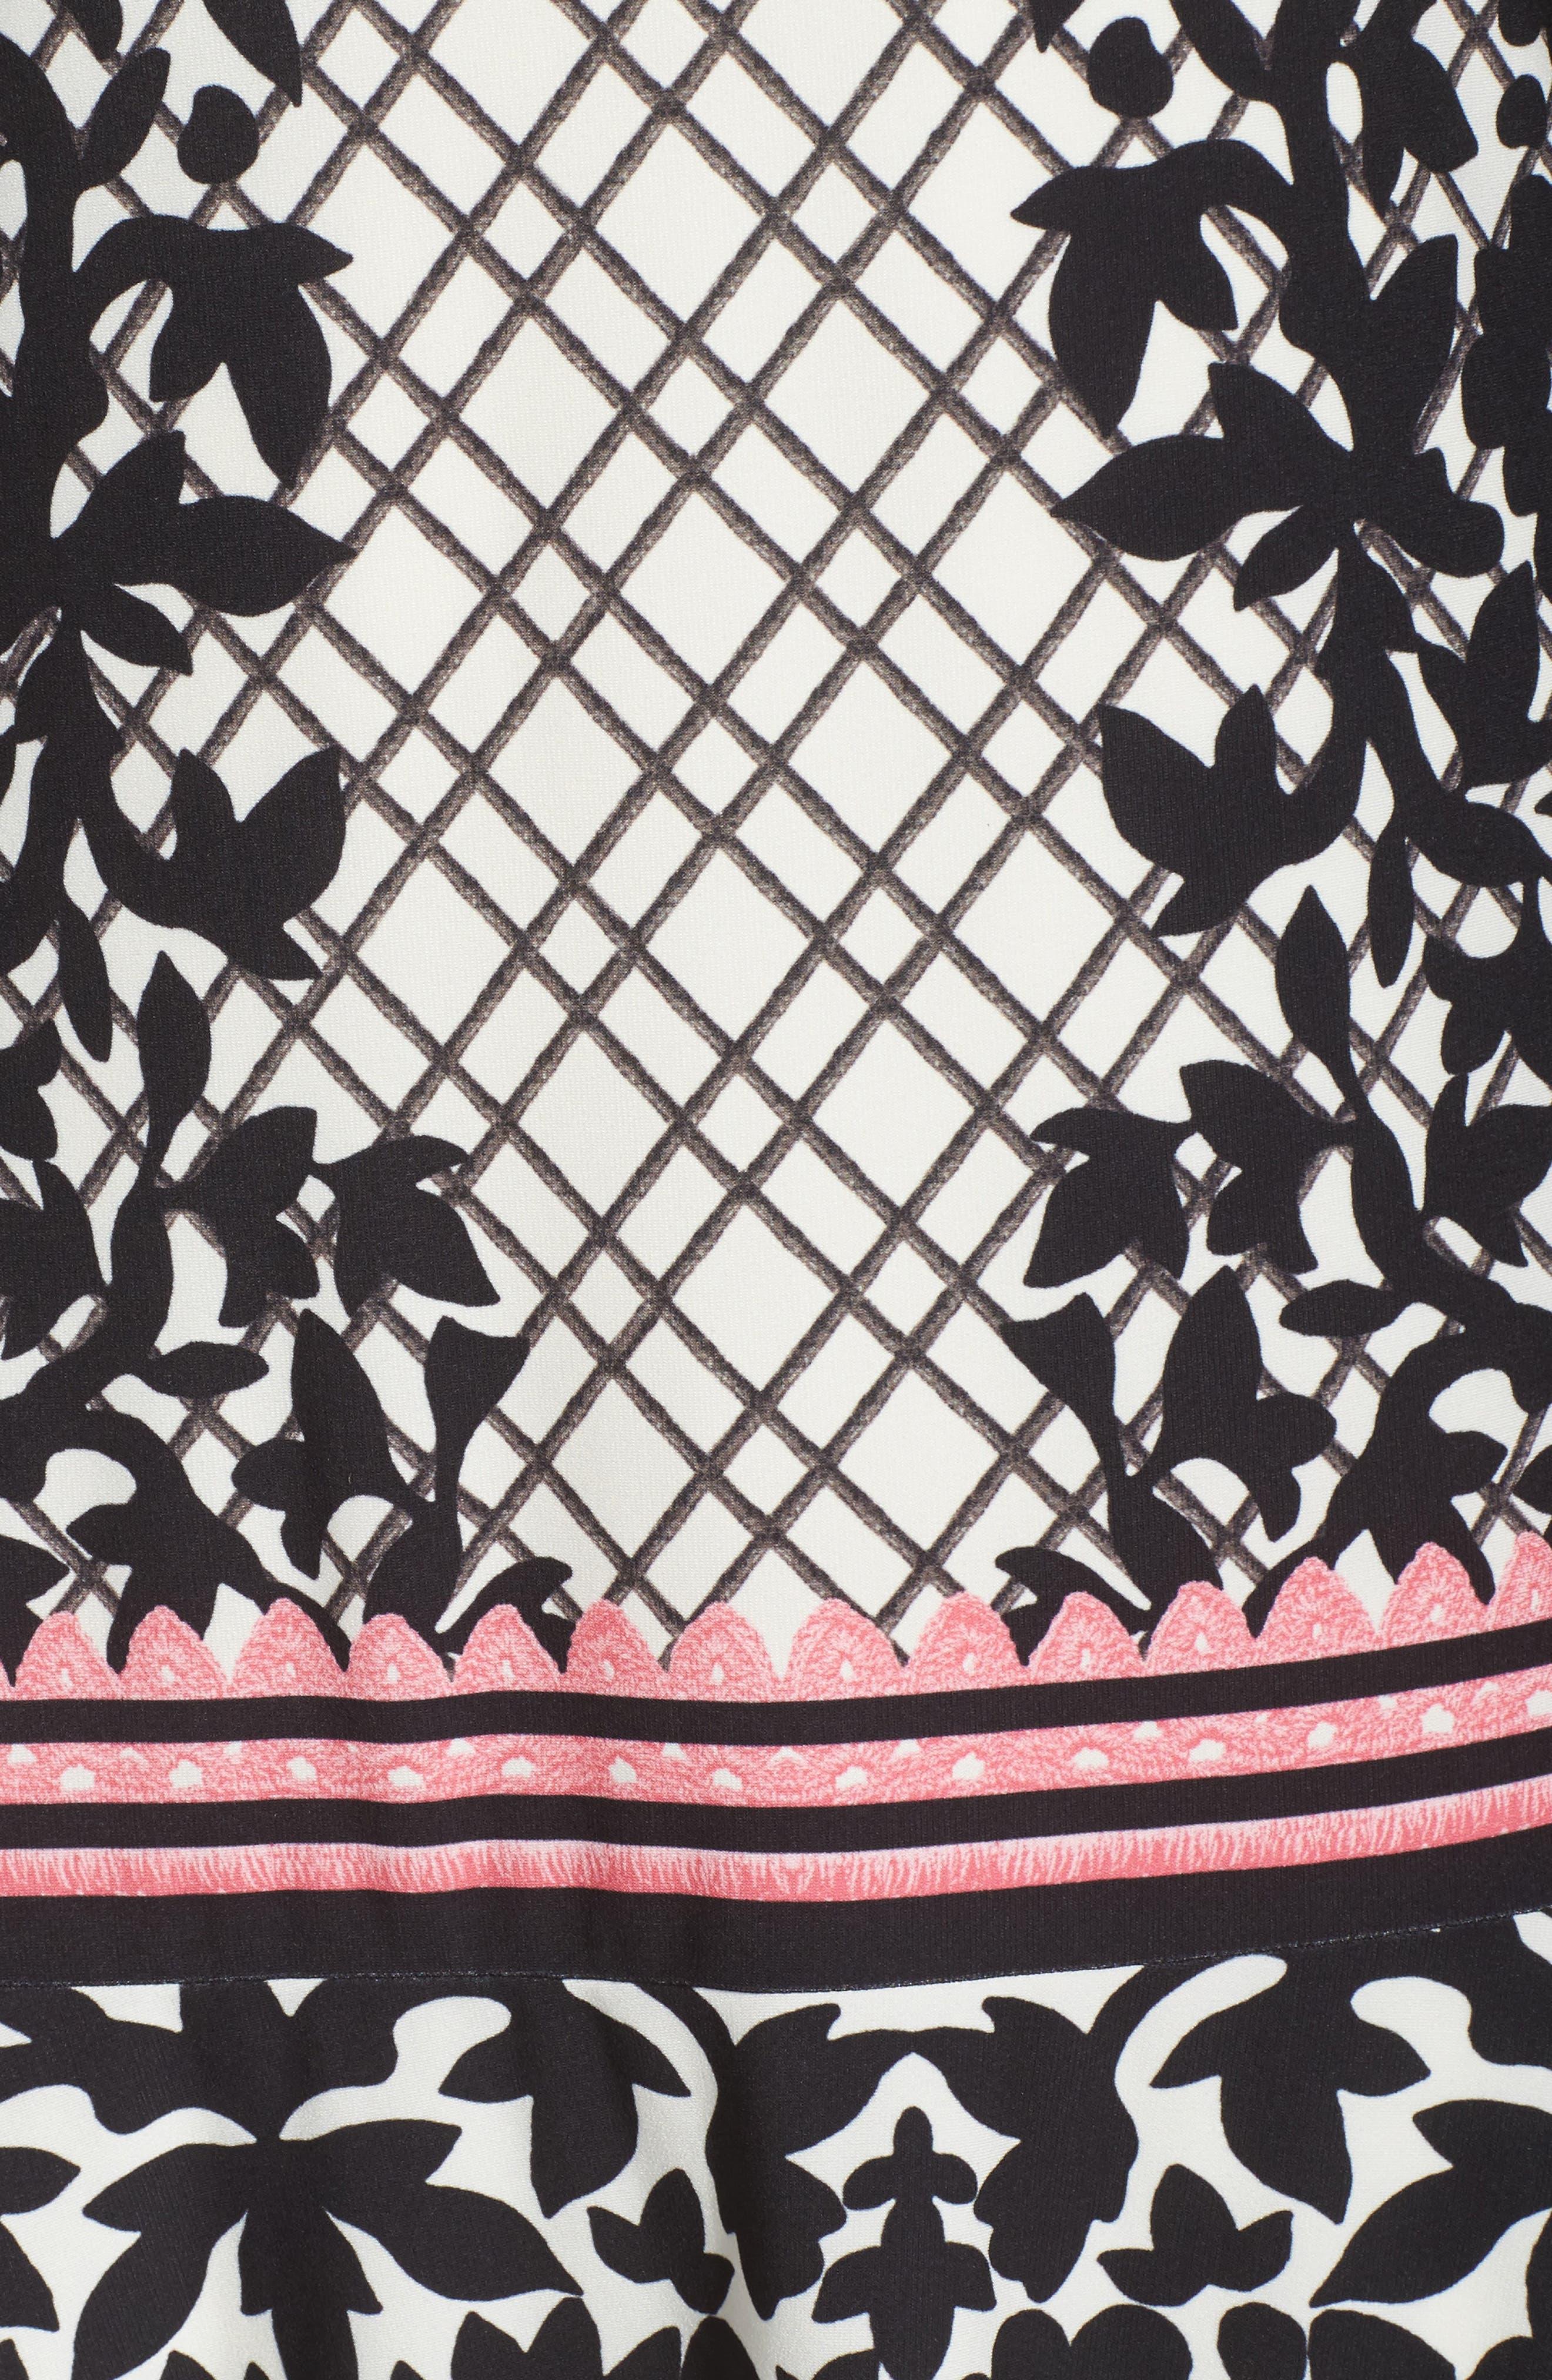 Lace Trim Shift Dress,                             Alternate thumbnail 5, color,                             652